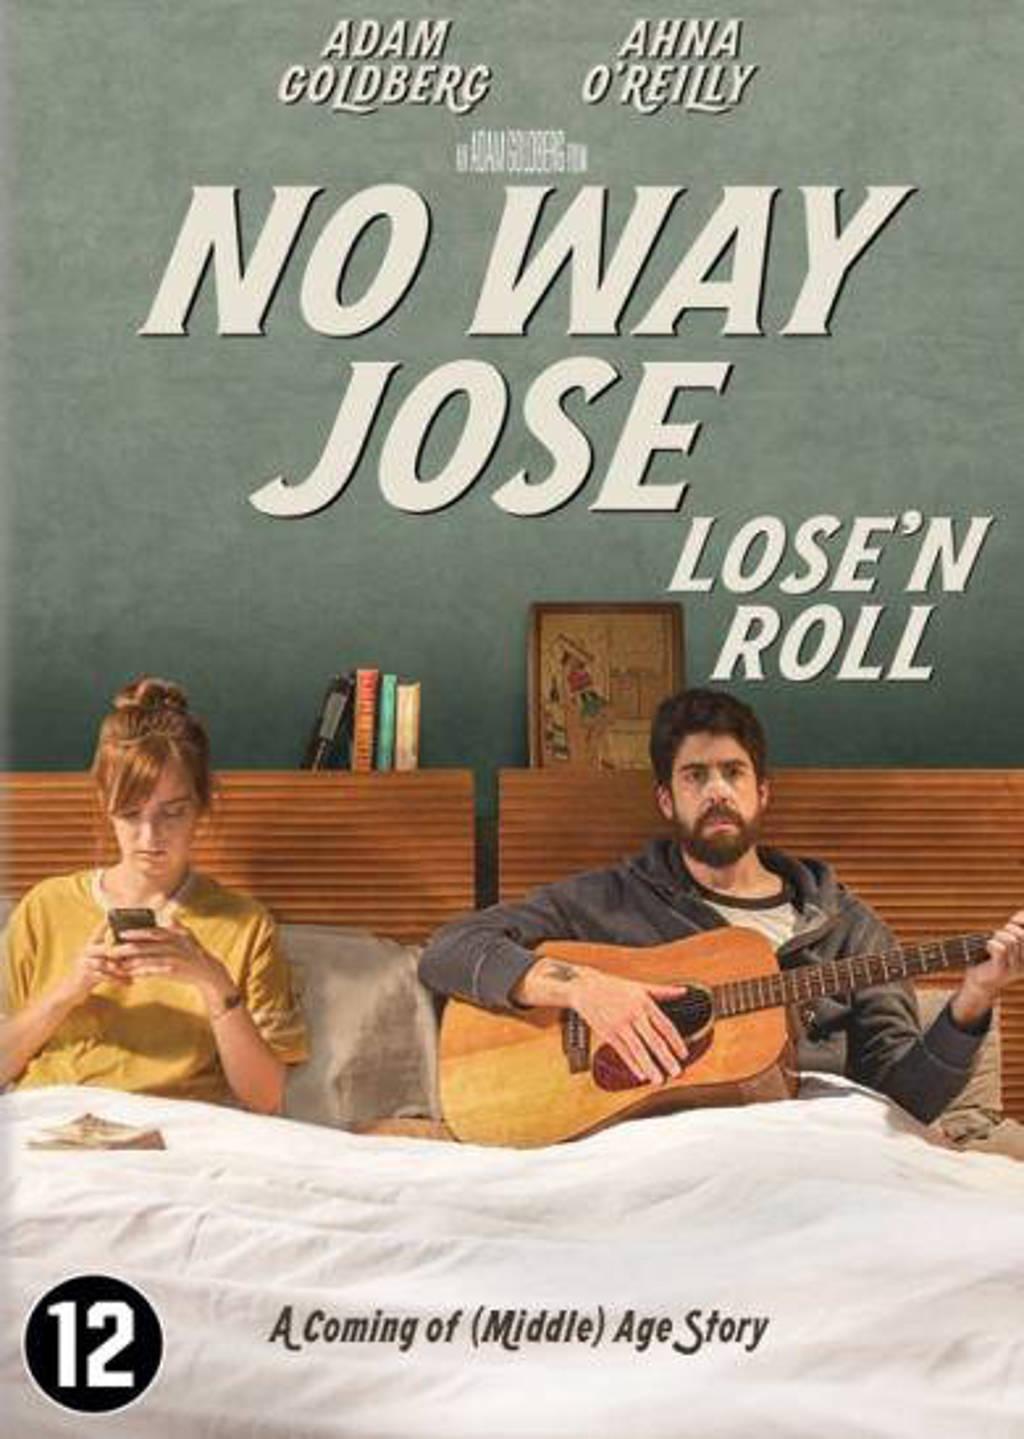 No way jose (DVD)